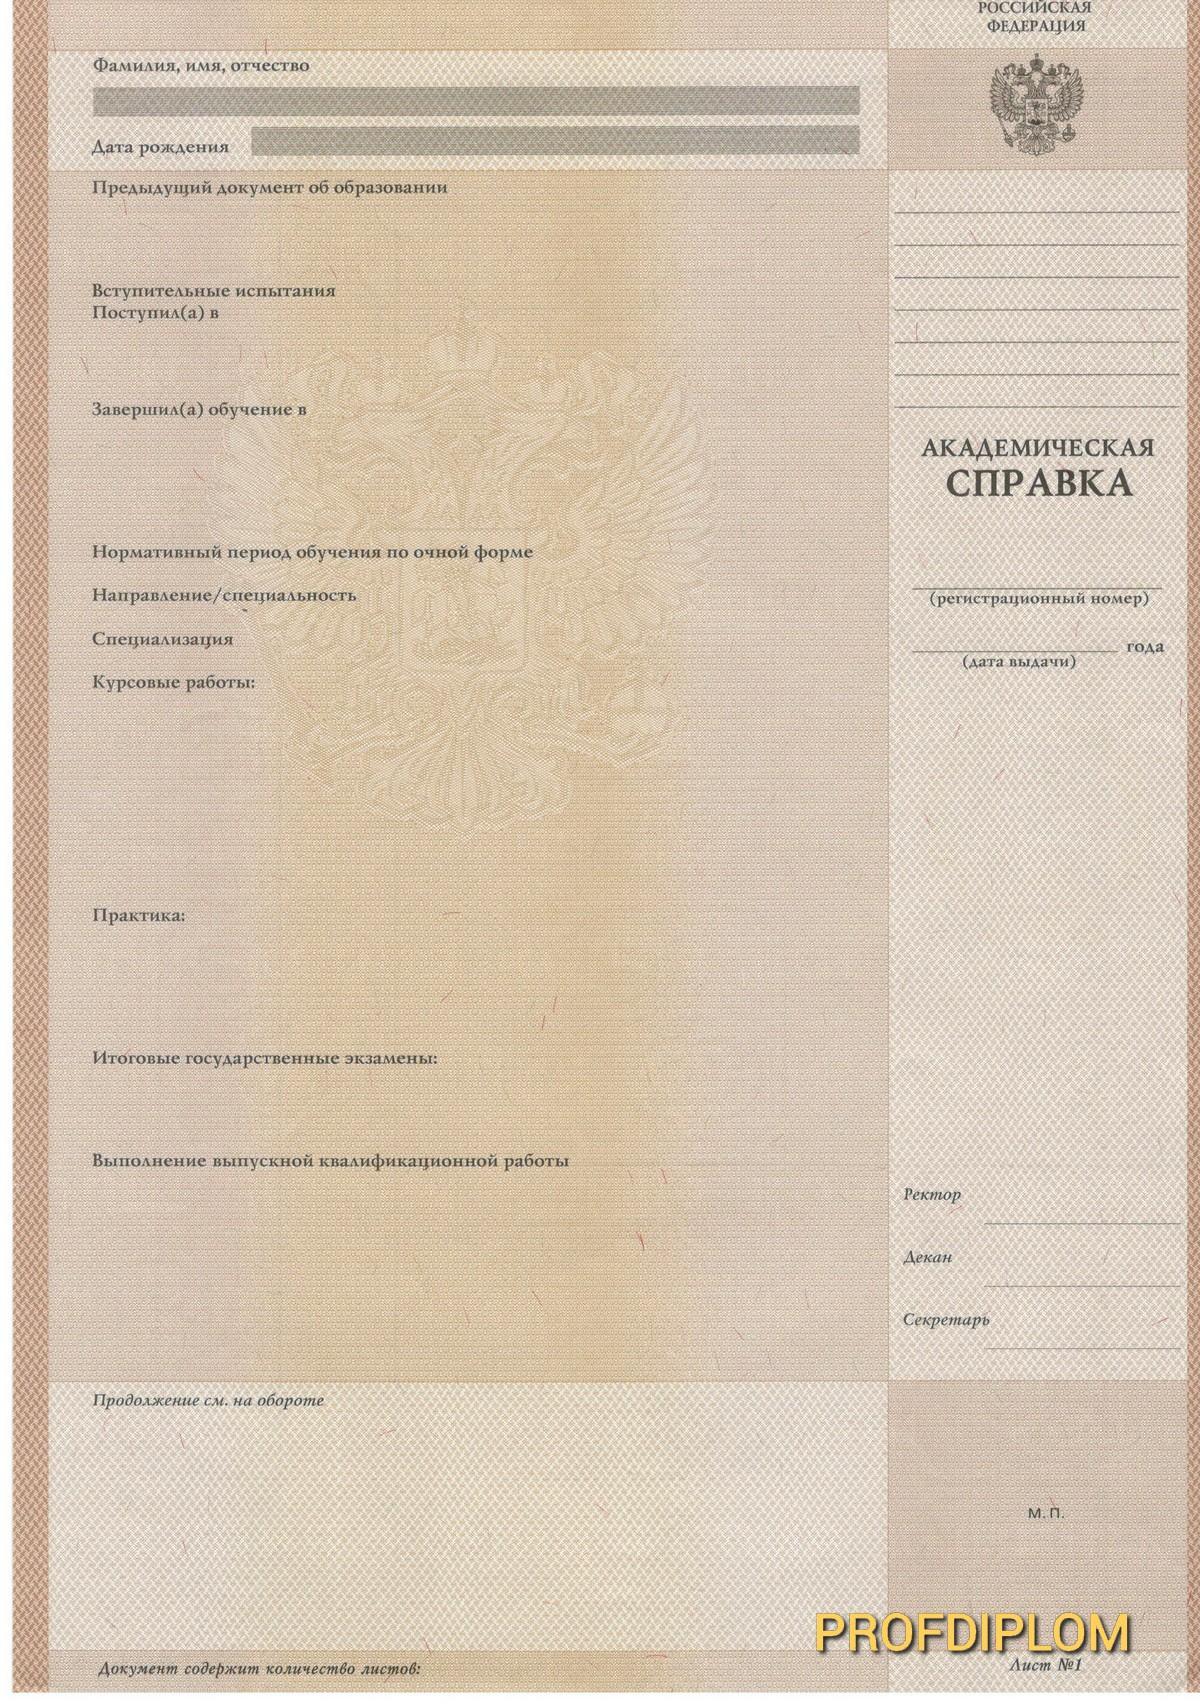 Академическая справка 1997-2010 купить